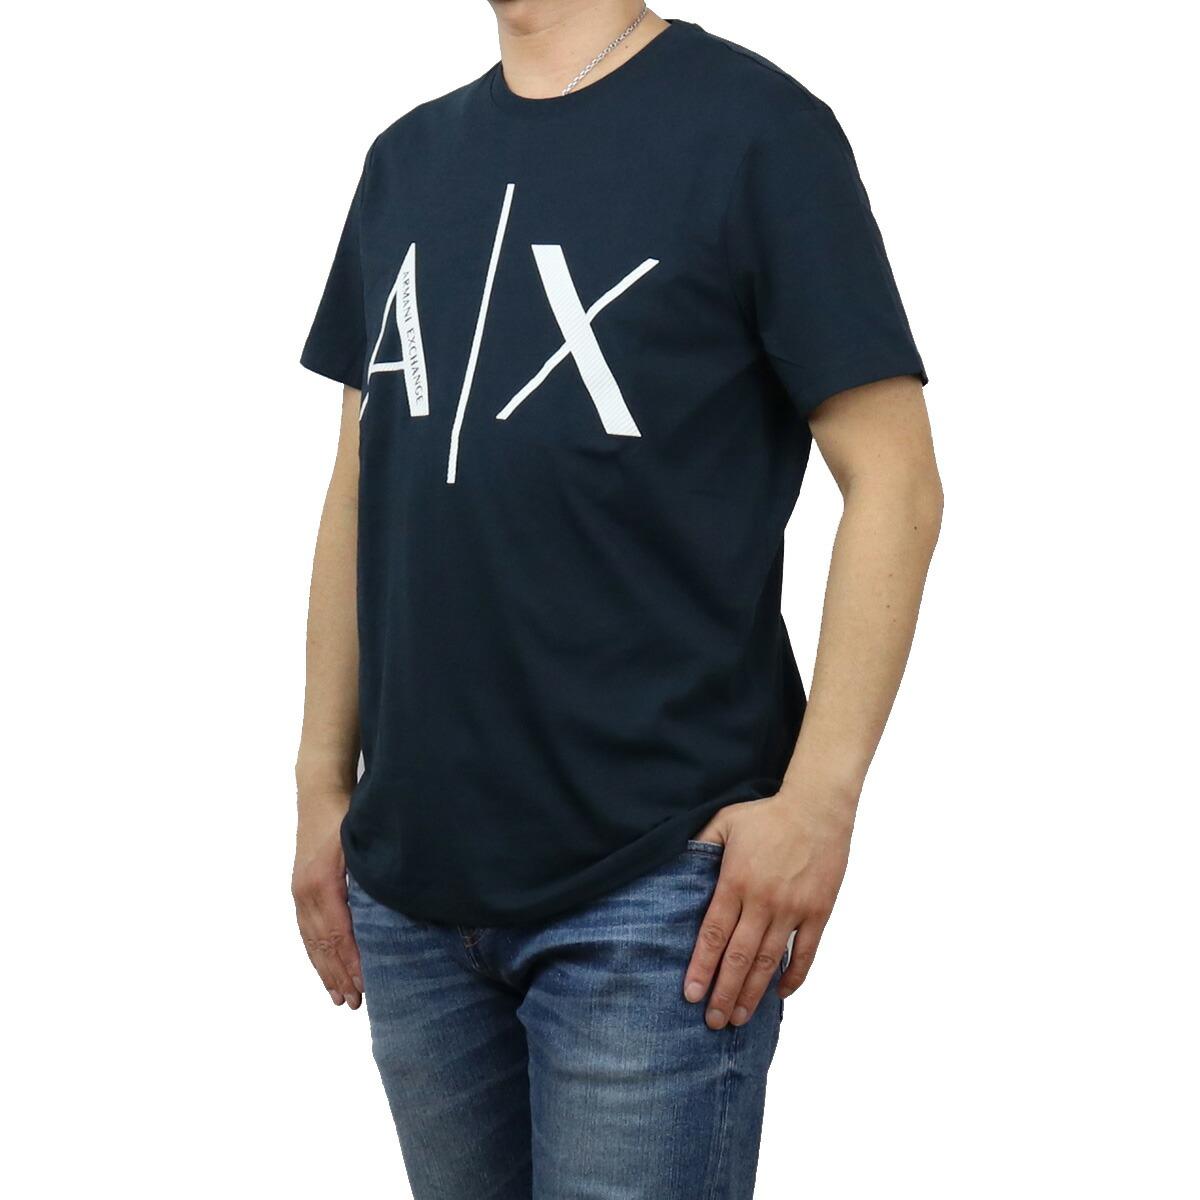 アルマーニエクスチェ ARMANI EXCHANGE メンズ-Tシャツ 3KZTAG ZJ4KZ 1510 ネイビー系 apparel-01 ts-01 メンズ